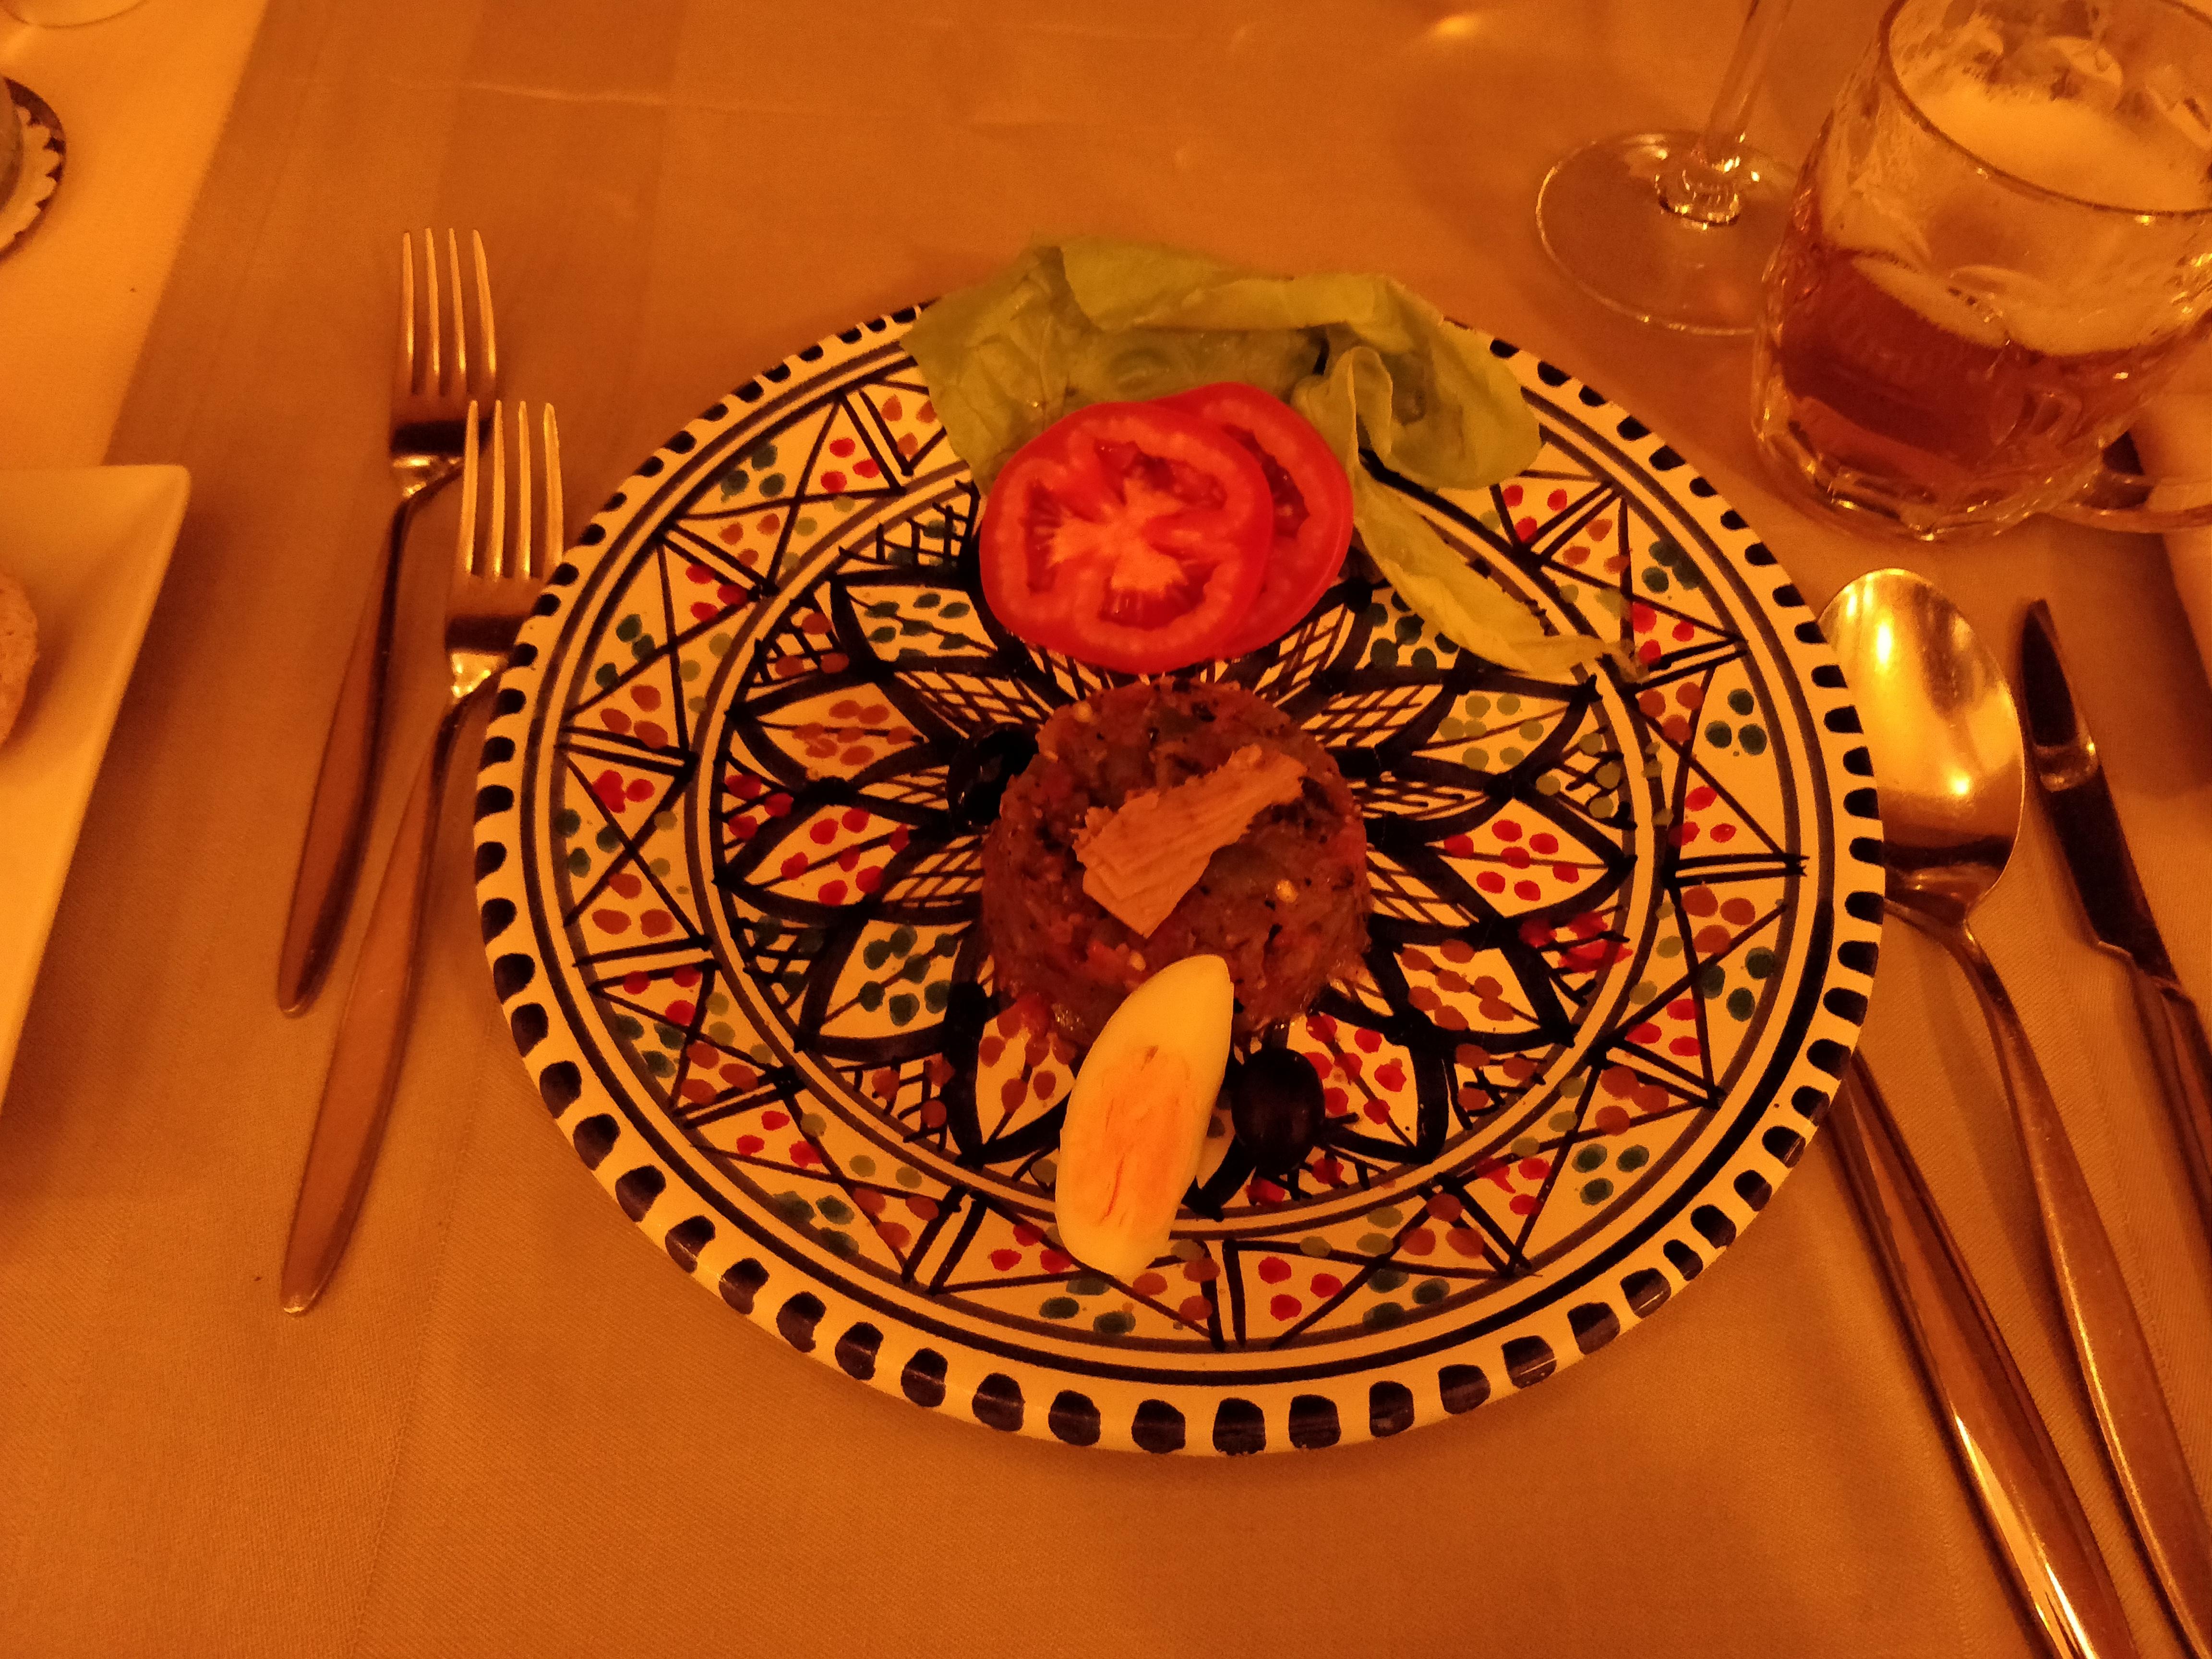 http://foodloader.net/nico_2018-10-29_royal-el-mansour-al-sofra-1.jpg